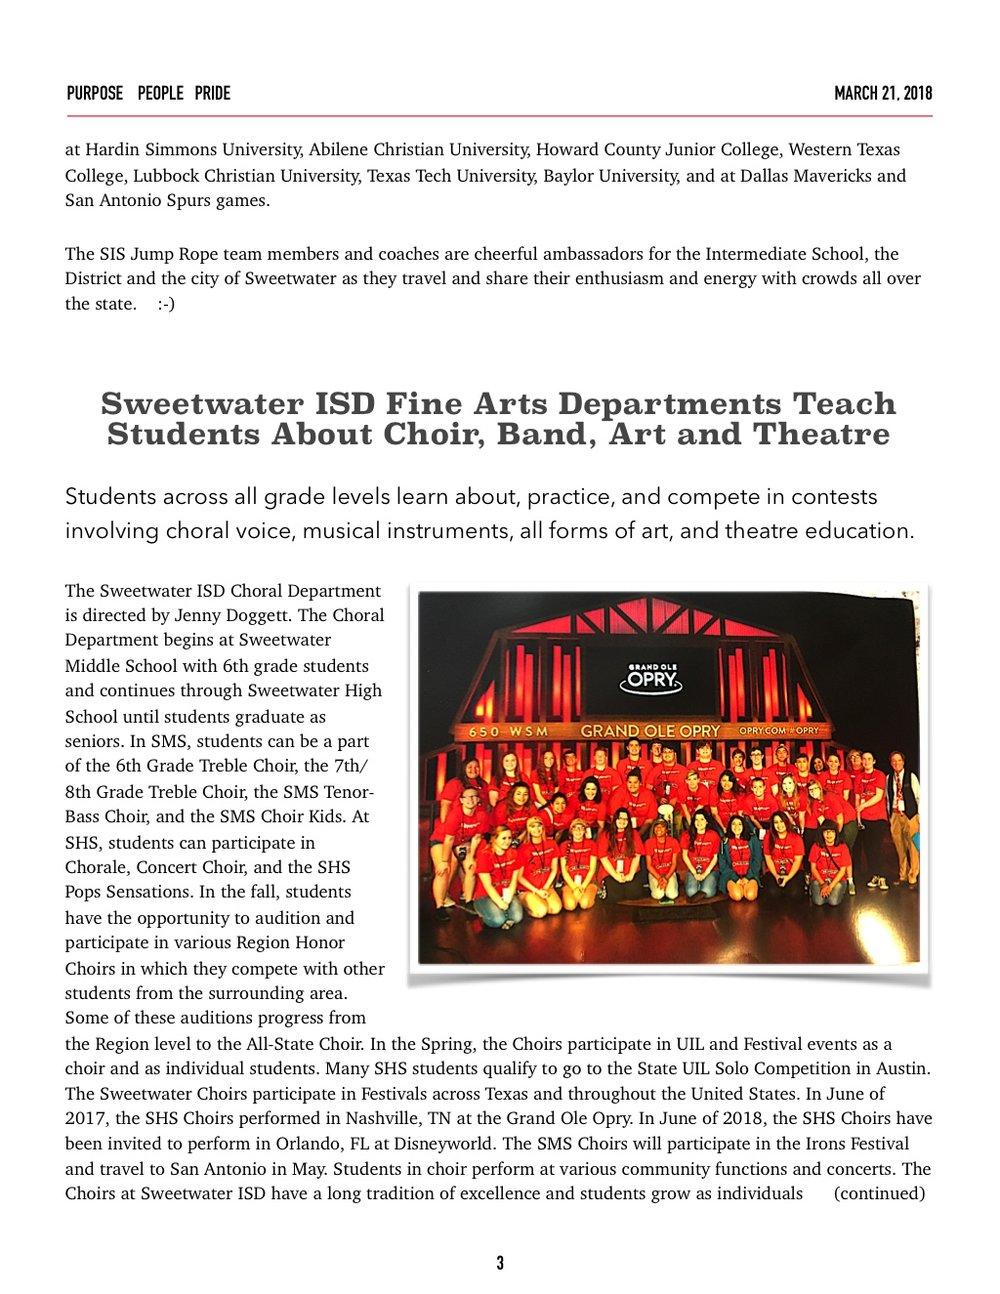 SISD Newsletter March 2018-3.jpg